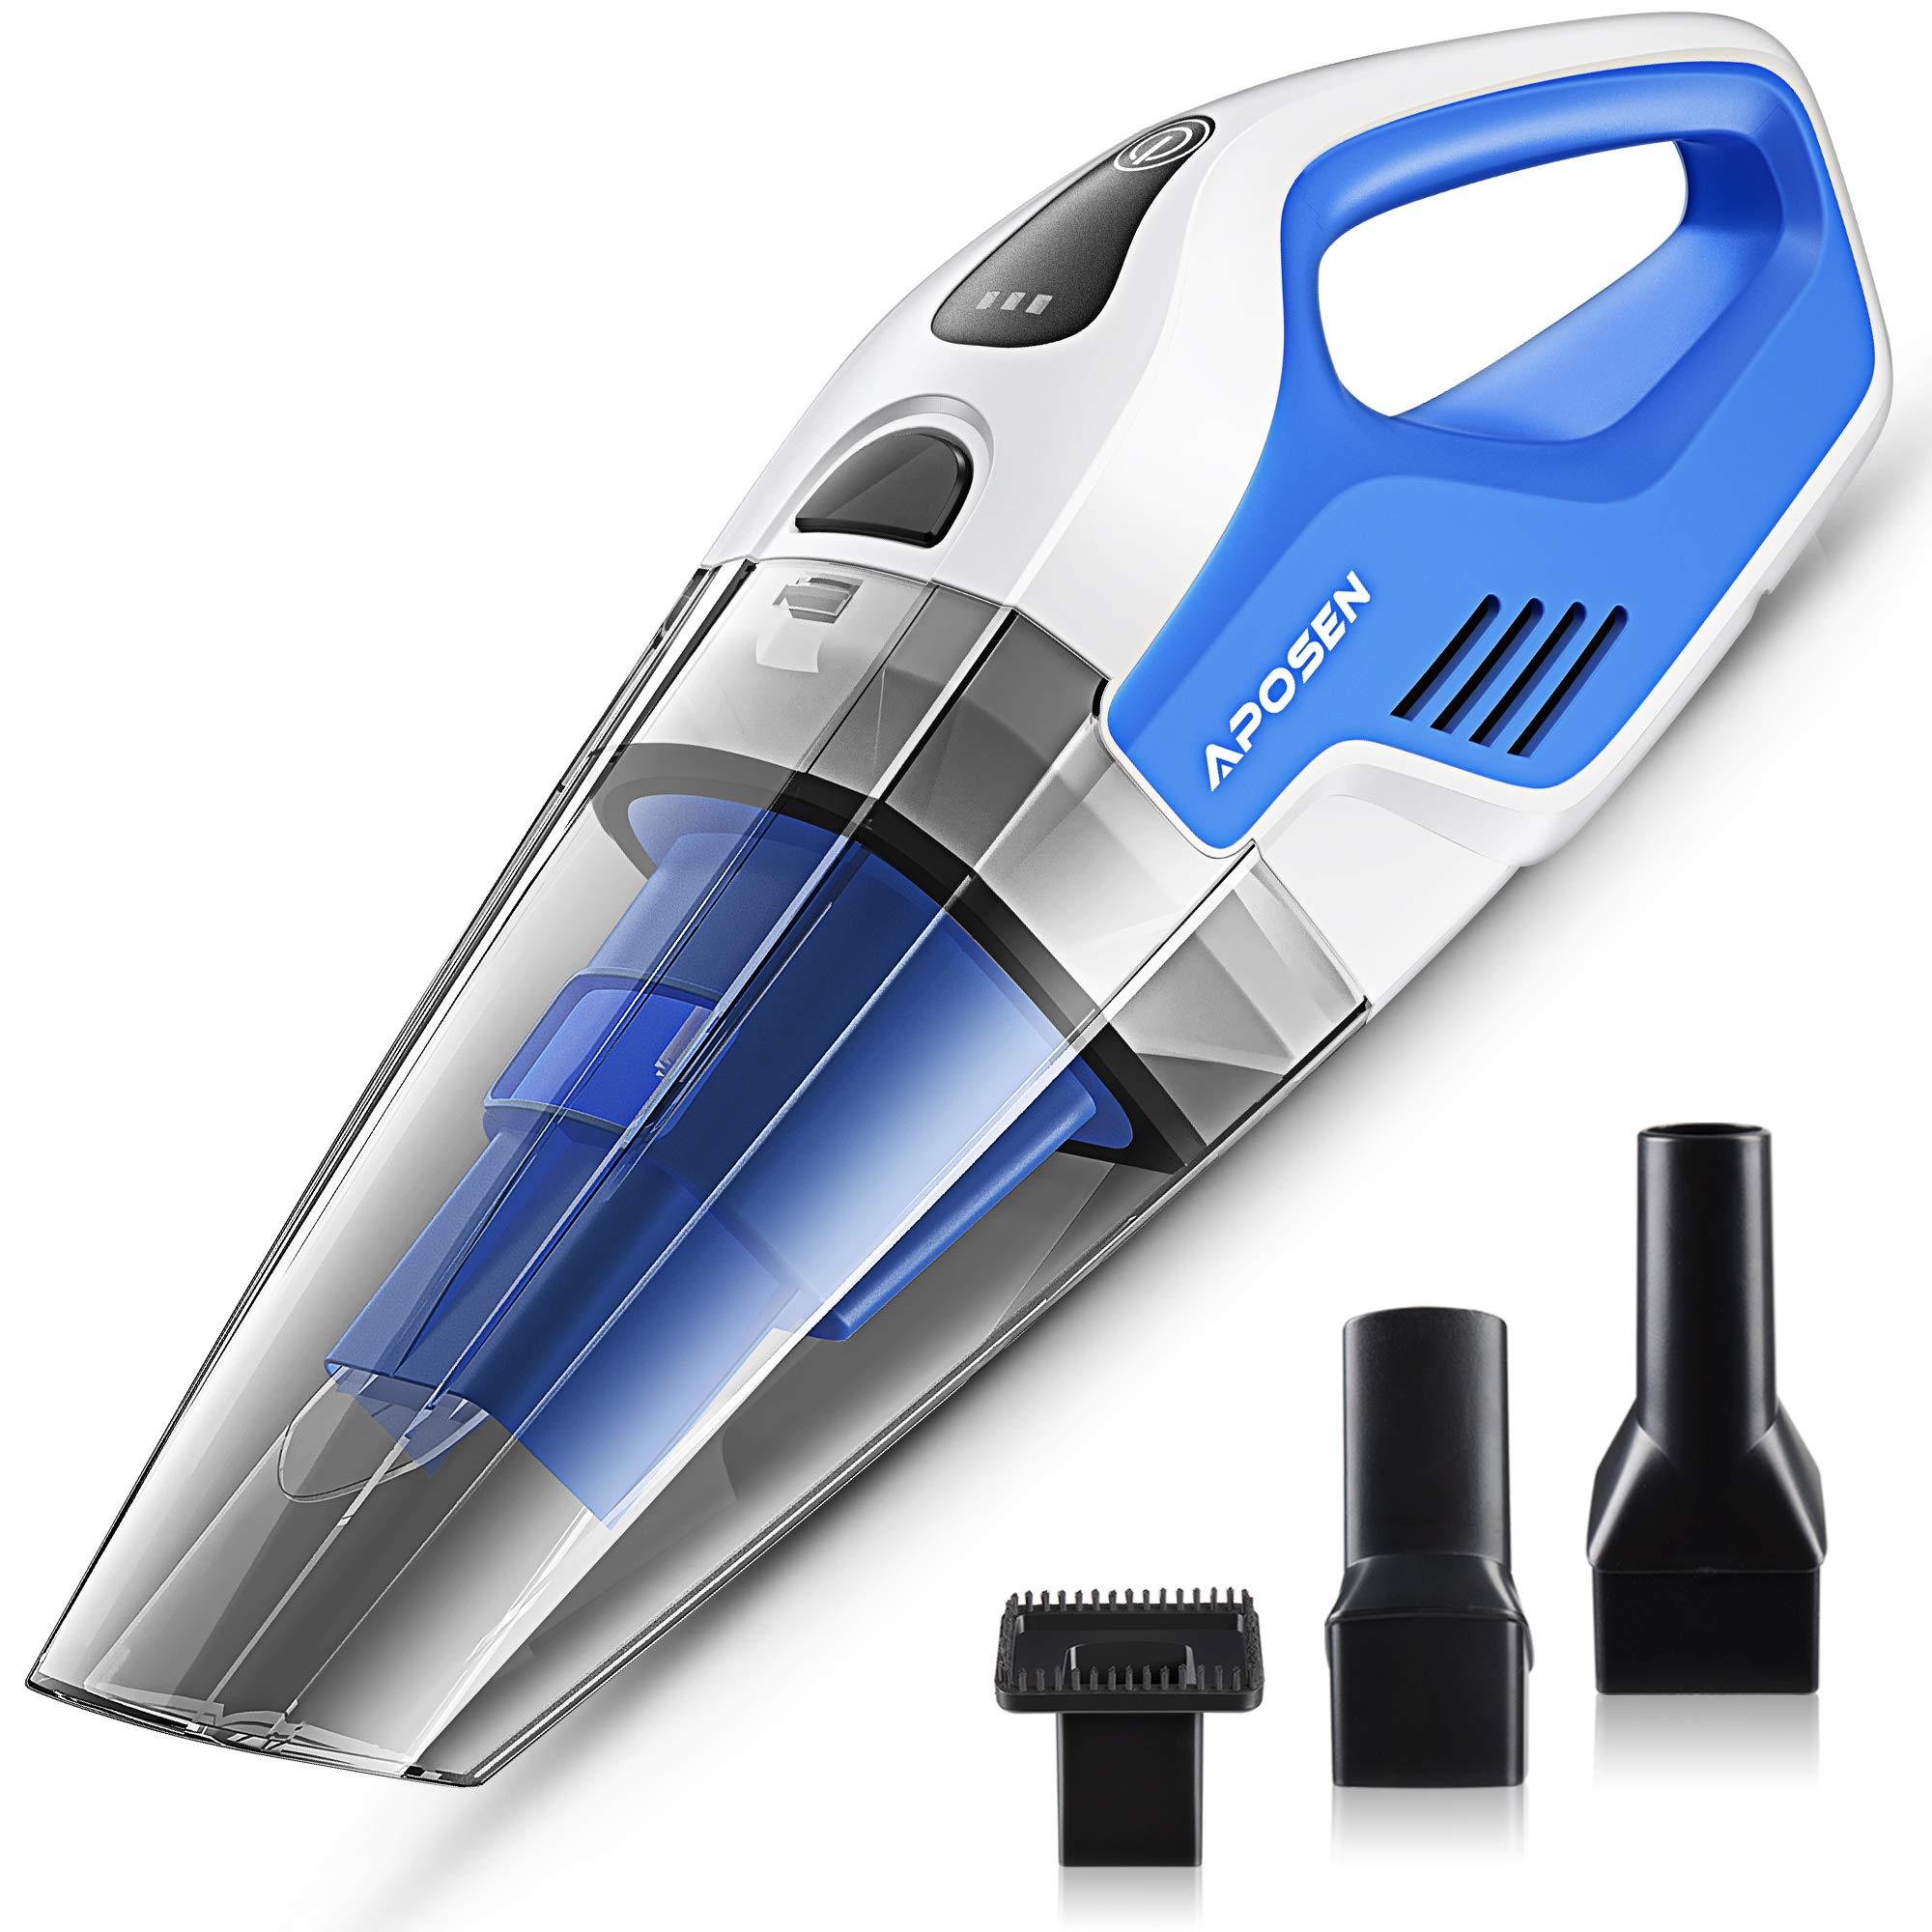 APOSEN Handheld Cleaner Powerful Cyclonic